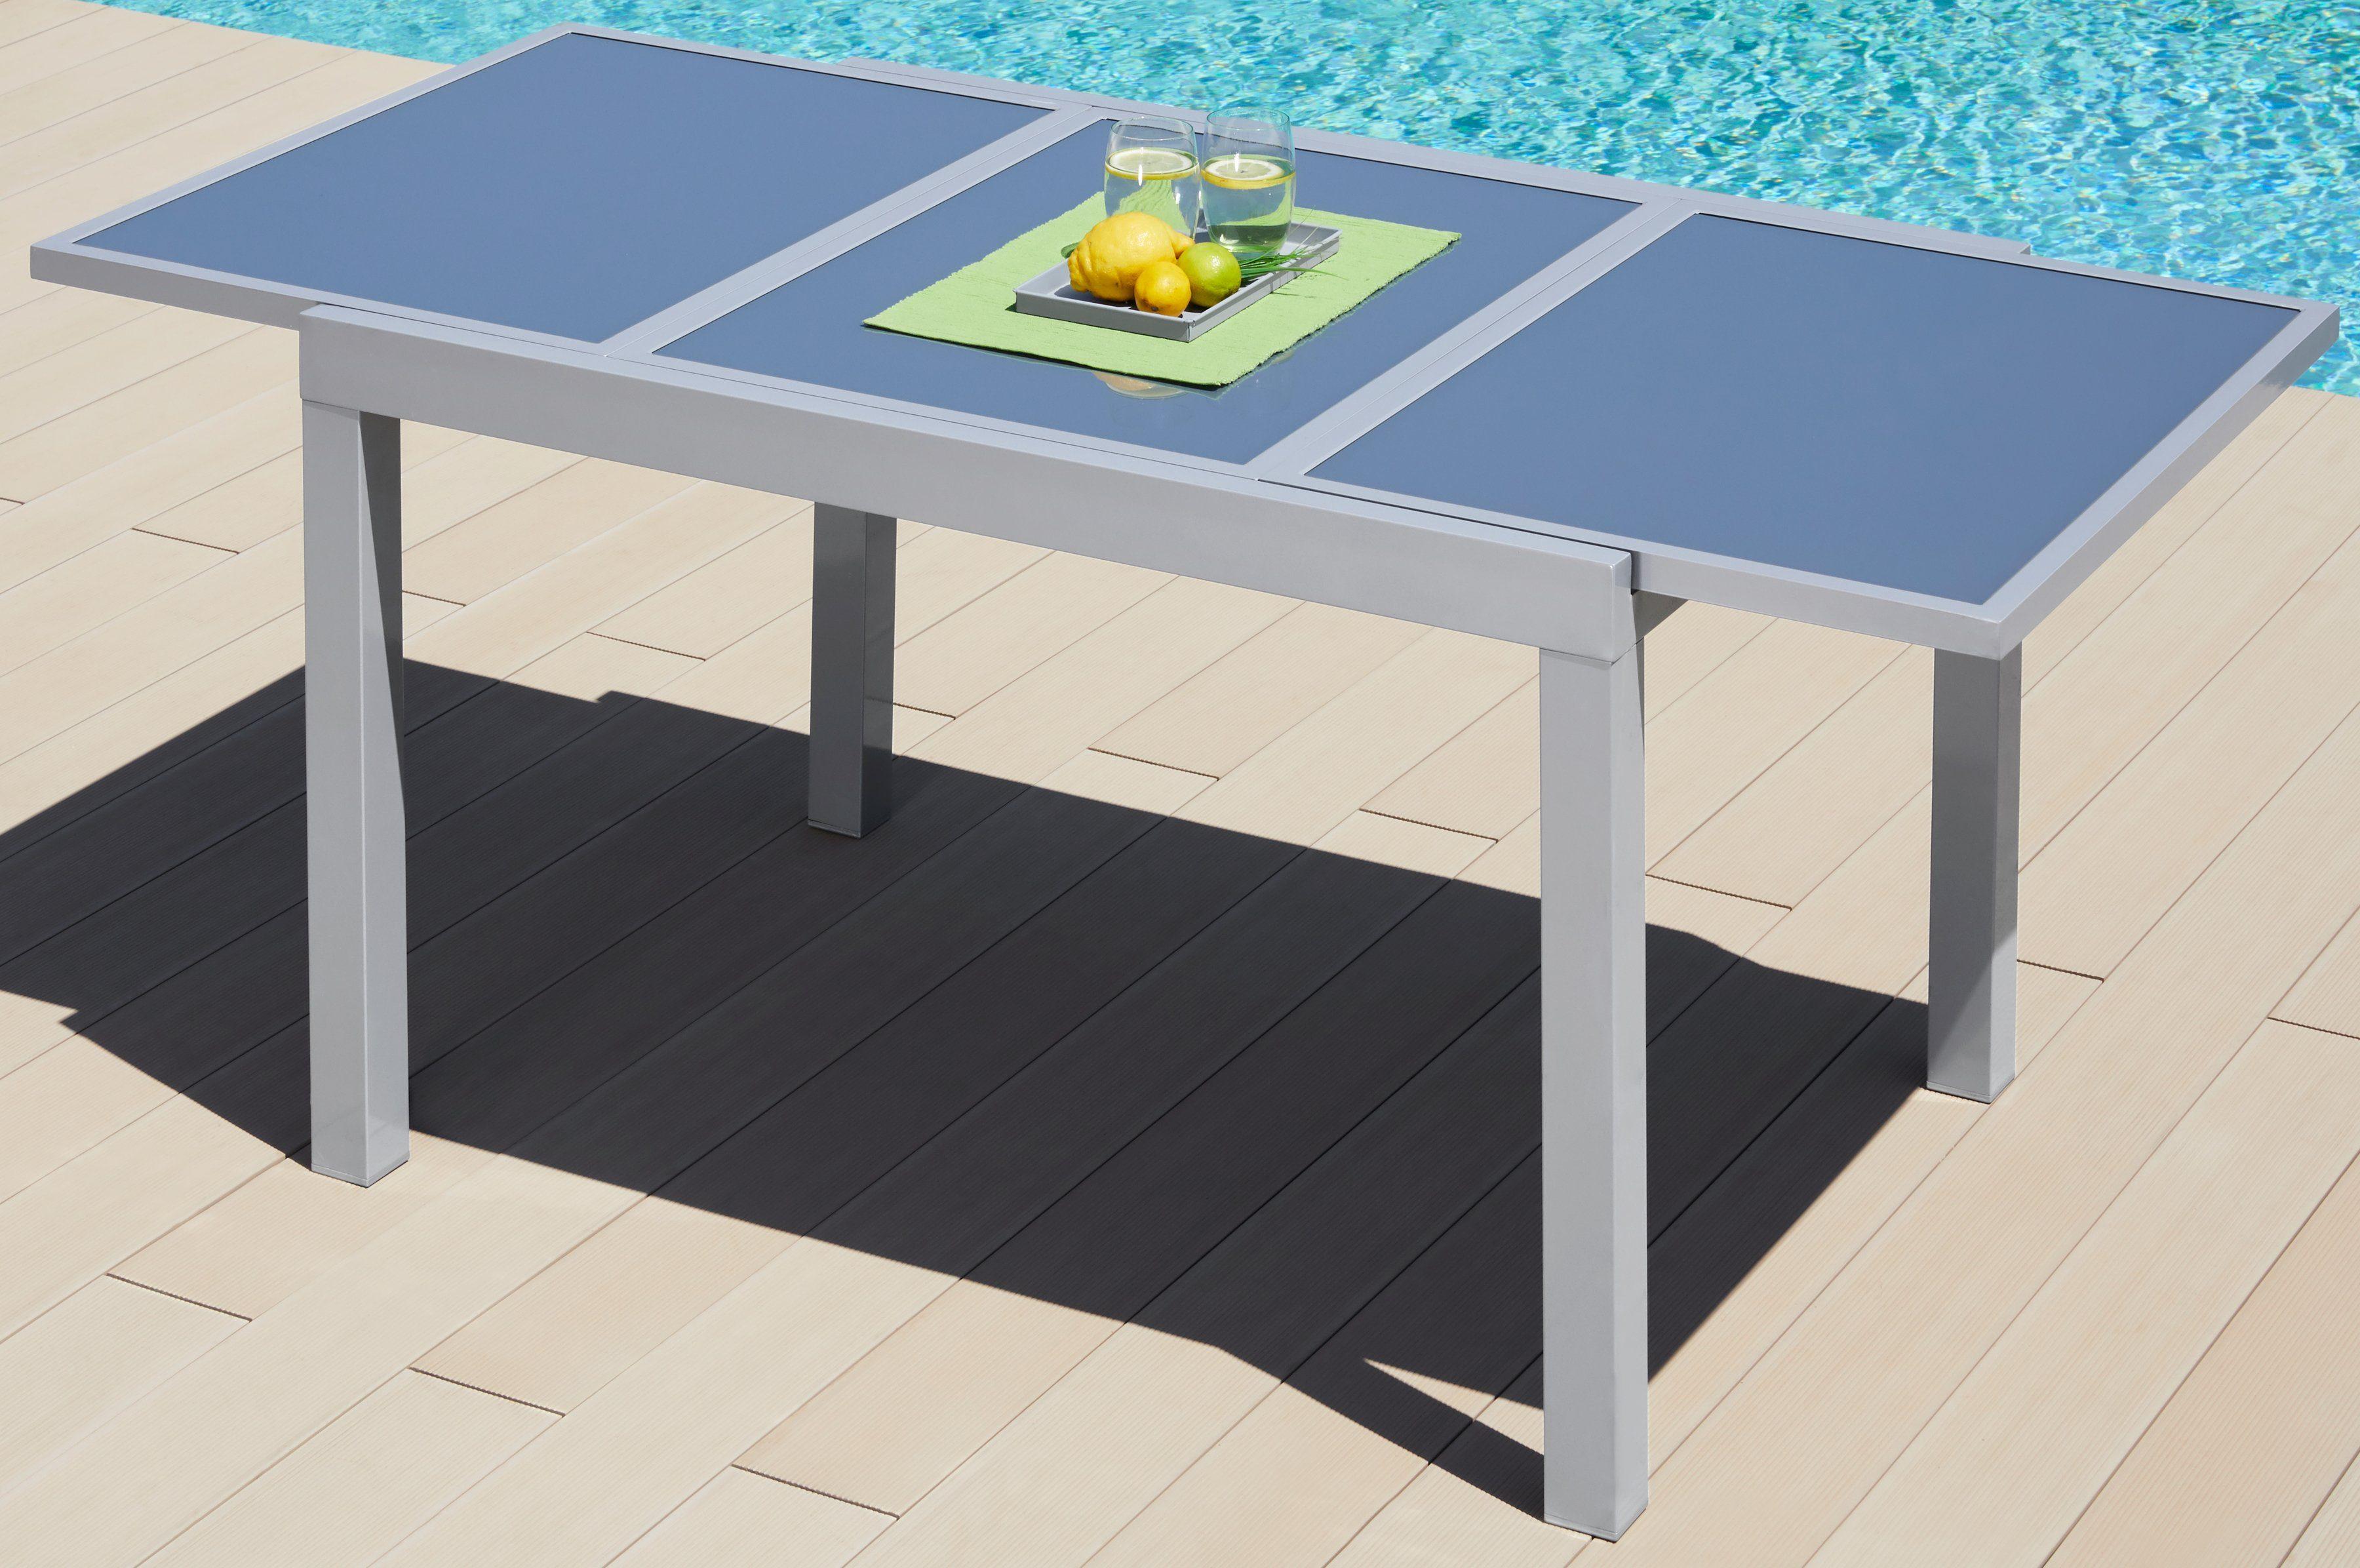 Gartentisch ausziehbar online kaufen | OTTO